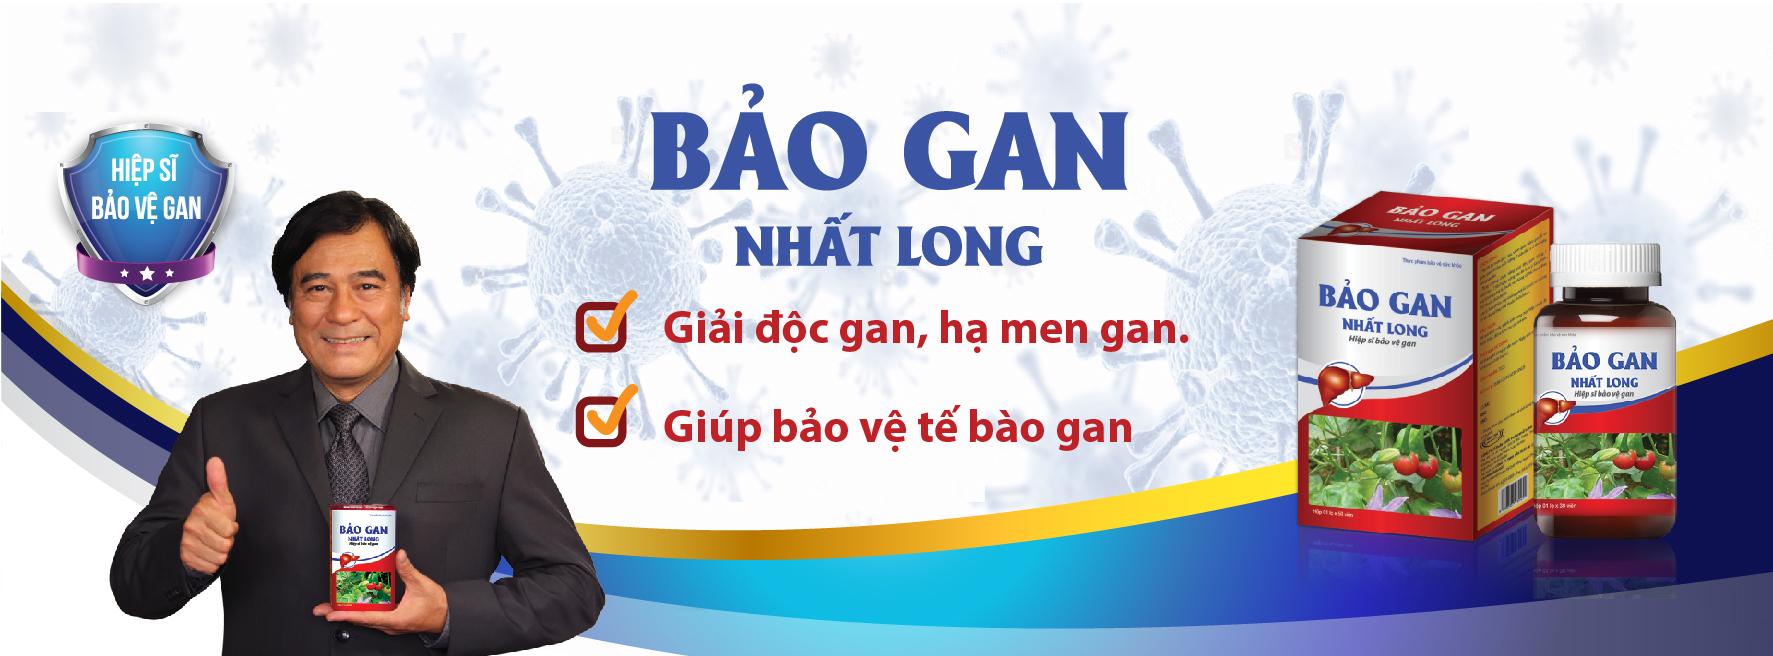 Bảo Gan Nhất Long – Giải pháp tối ưu cho những người mắc bệnh gan - Ảnh 1